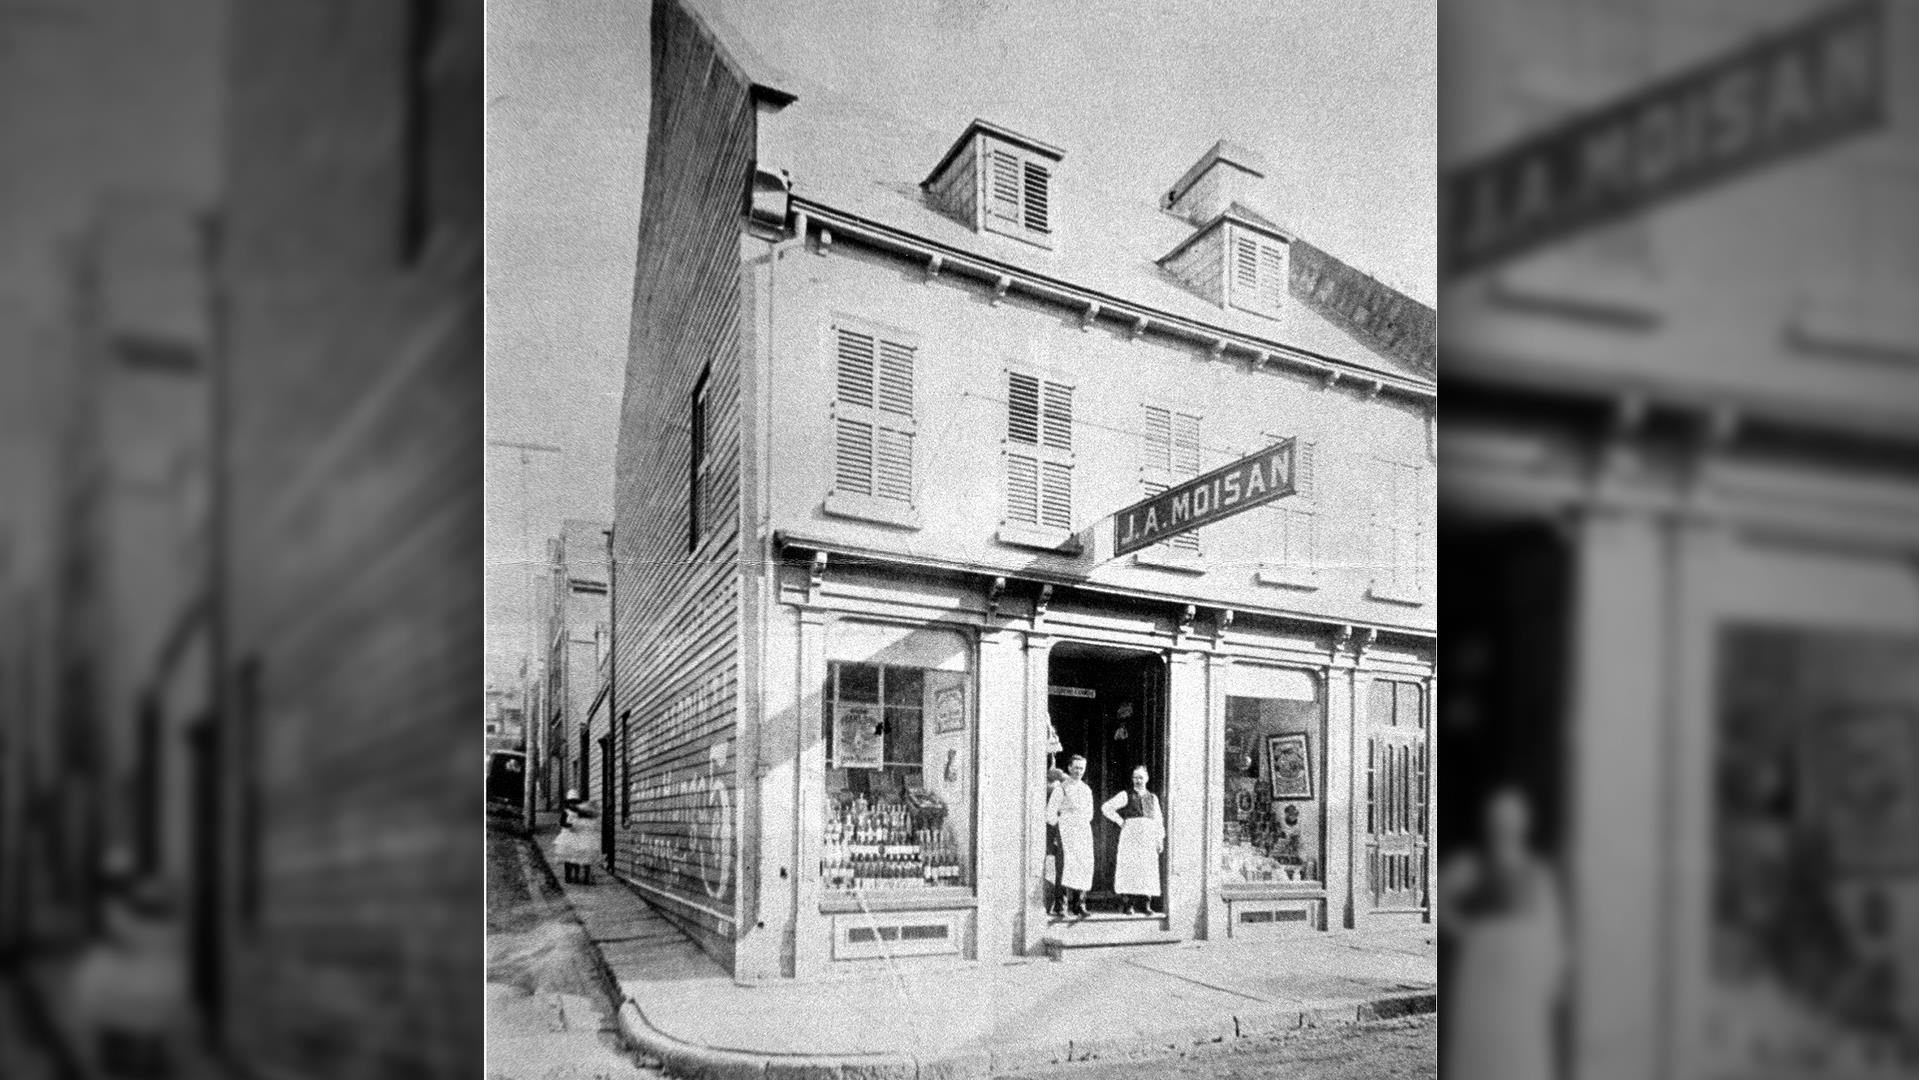 L'épicerie J.A. Moisan en 1885, année où Jean Alfred Moisan devient propriétaire de l'immeuble.